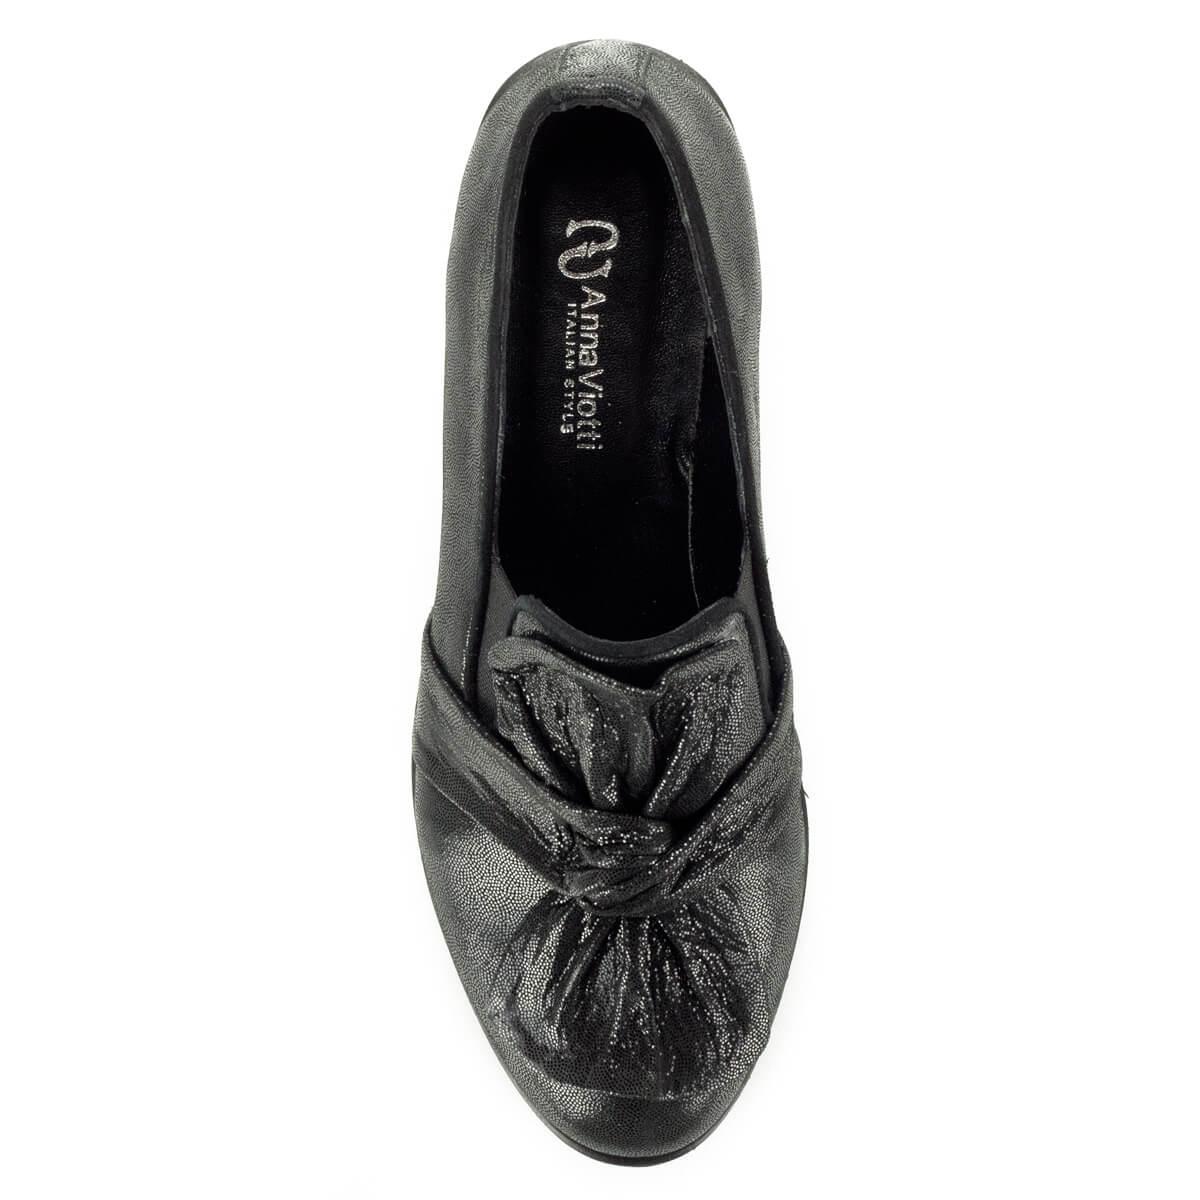 65c8a7bc29 ... Anna Viotti fekete masnis slipon cipő vastag gumi talppal. A cipő  természetes bőrből készült, ...